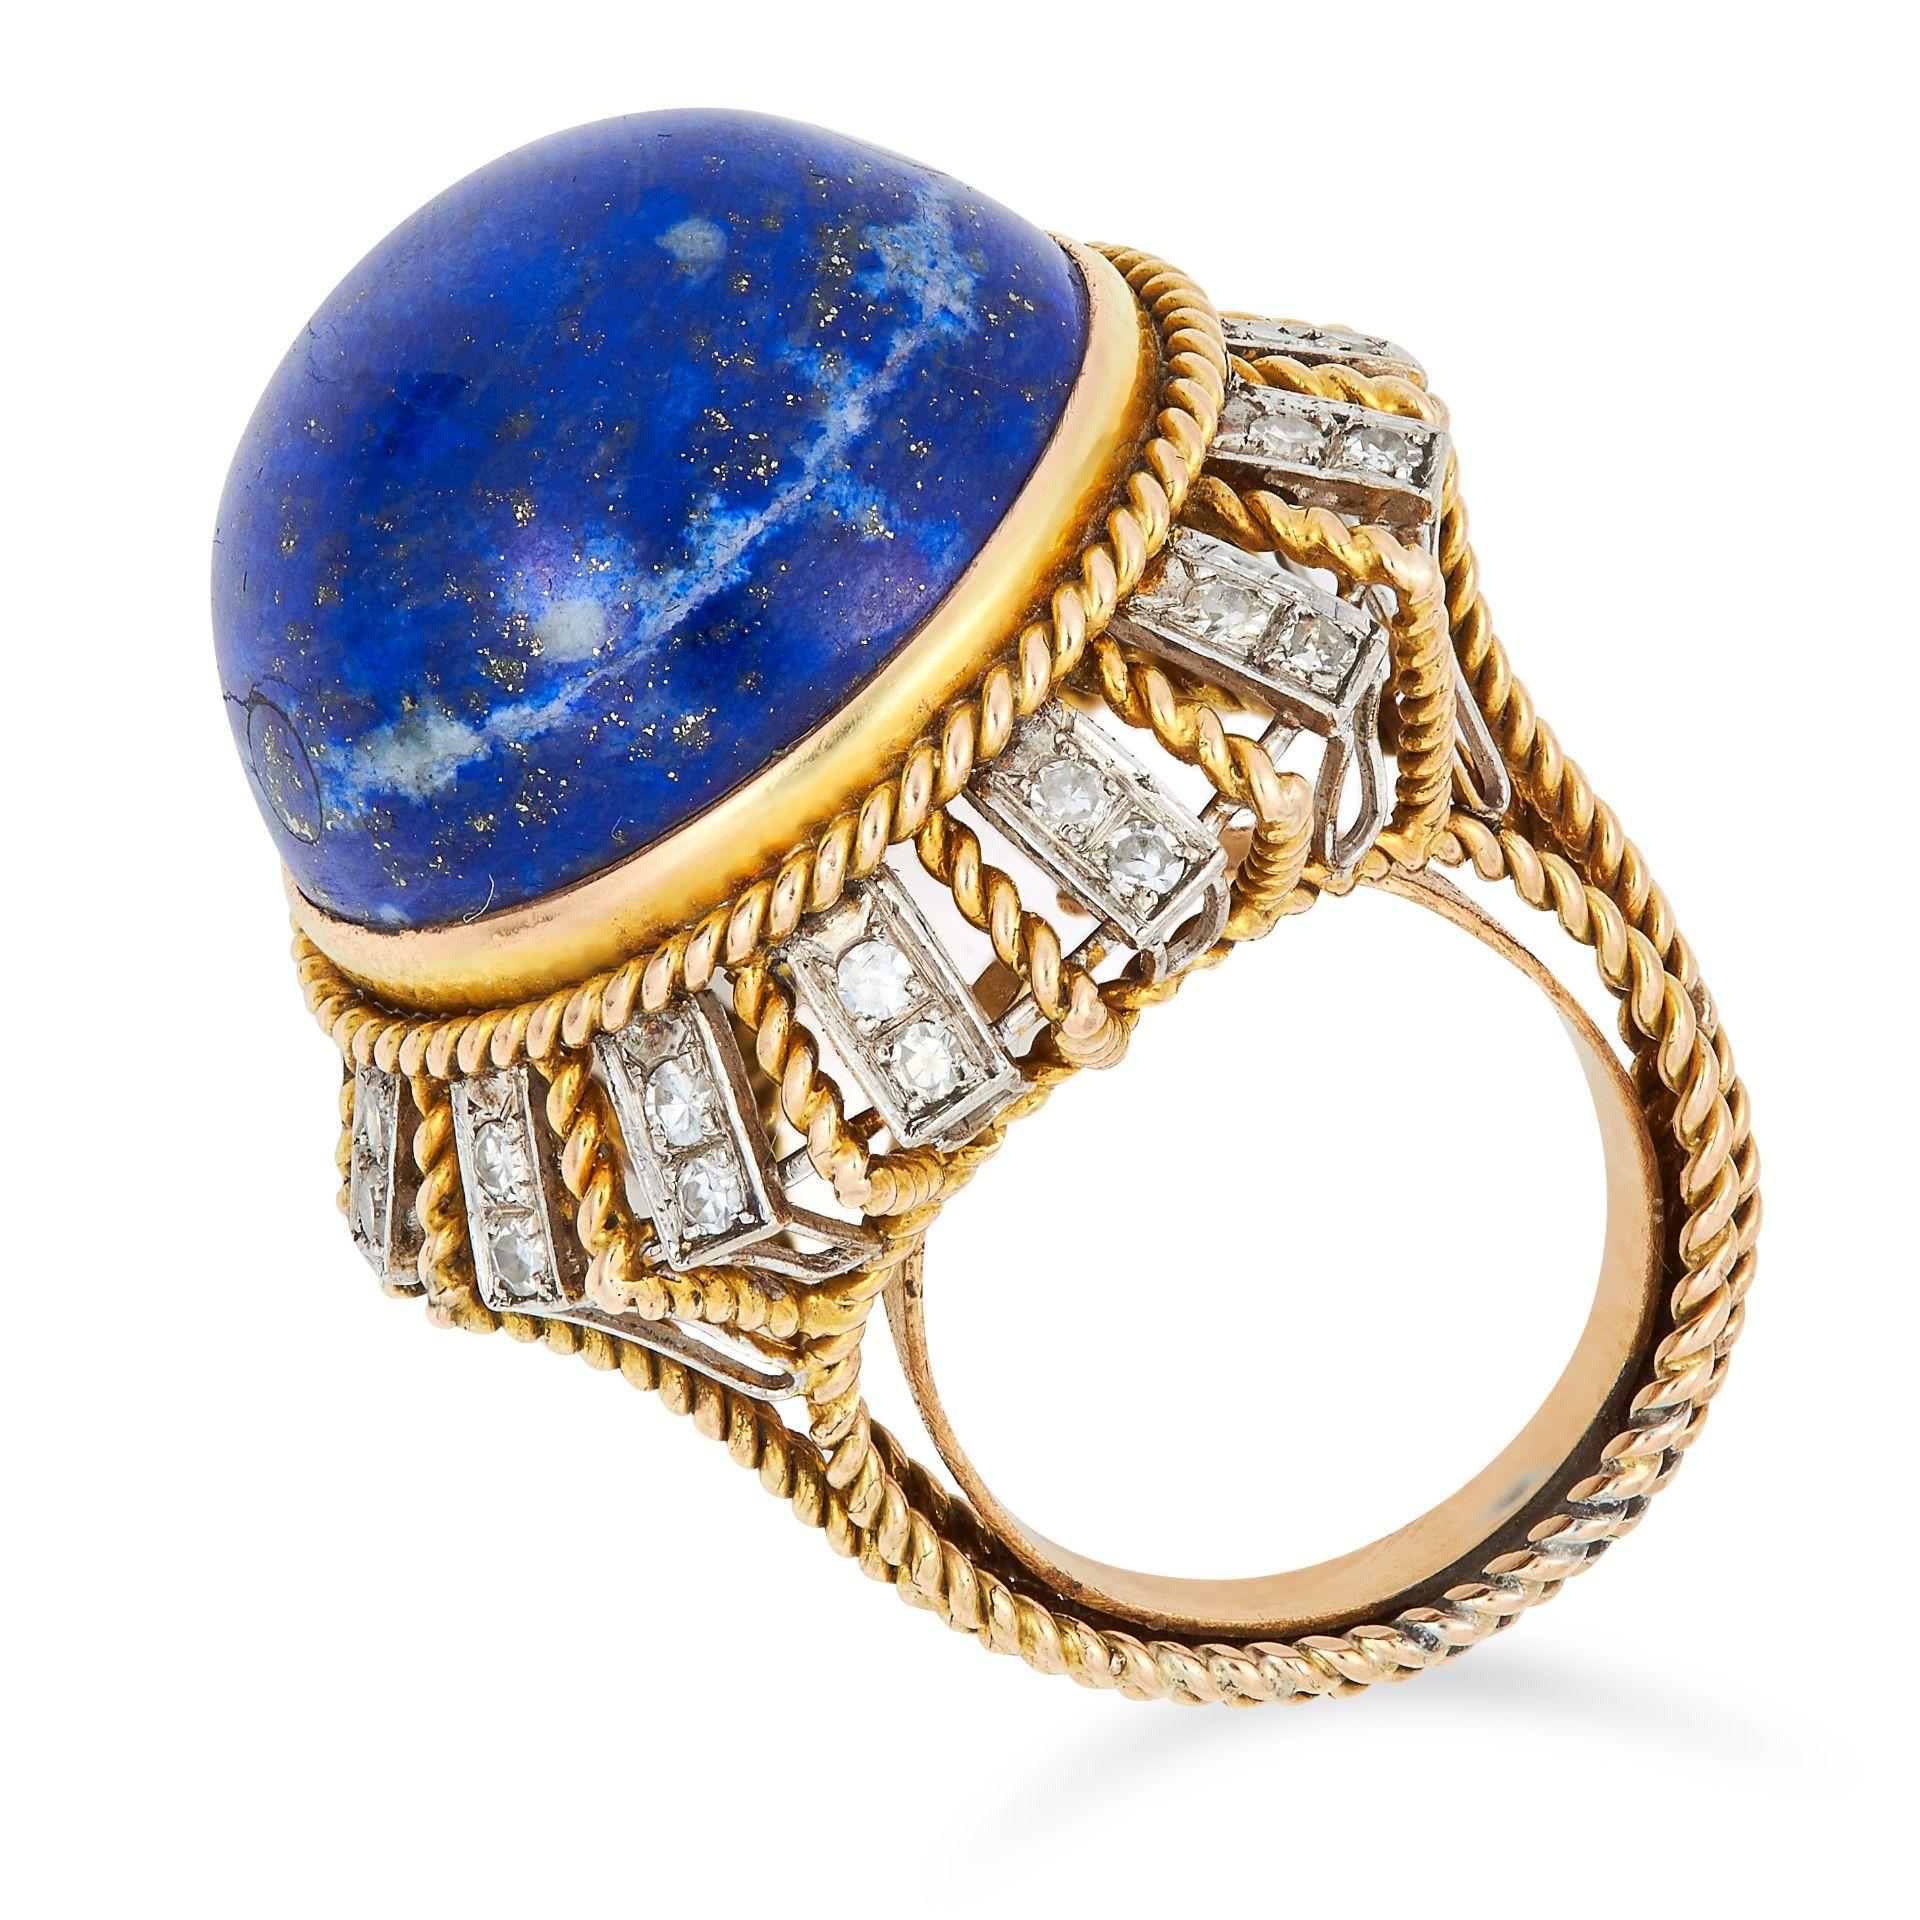 VINTAGE LAPIS LAZULI AND DIAMOND RING set with a circular lapis lazuli cabochon of 29.69 carats - Bild 2 aus 2